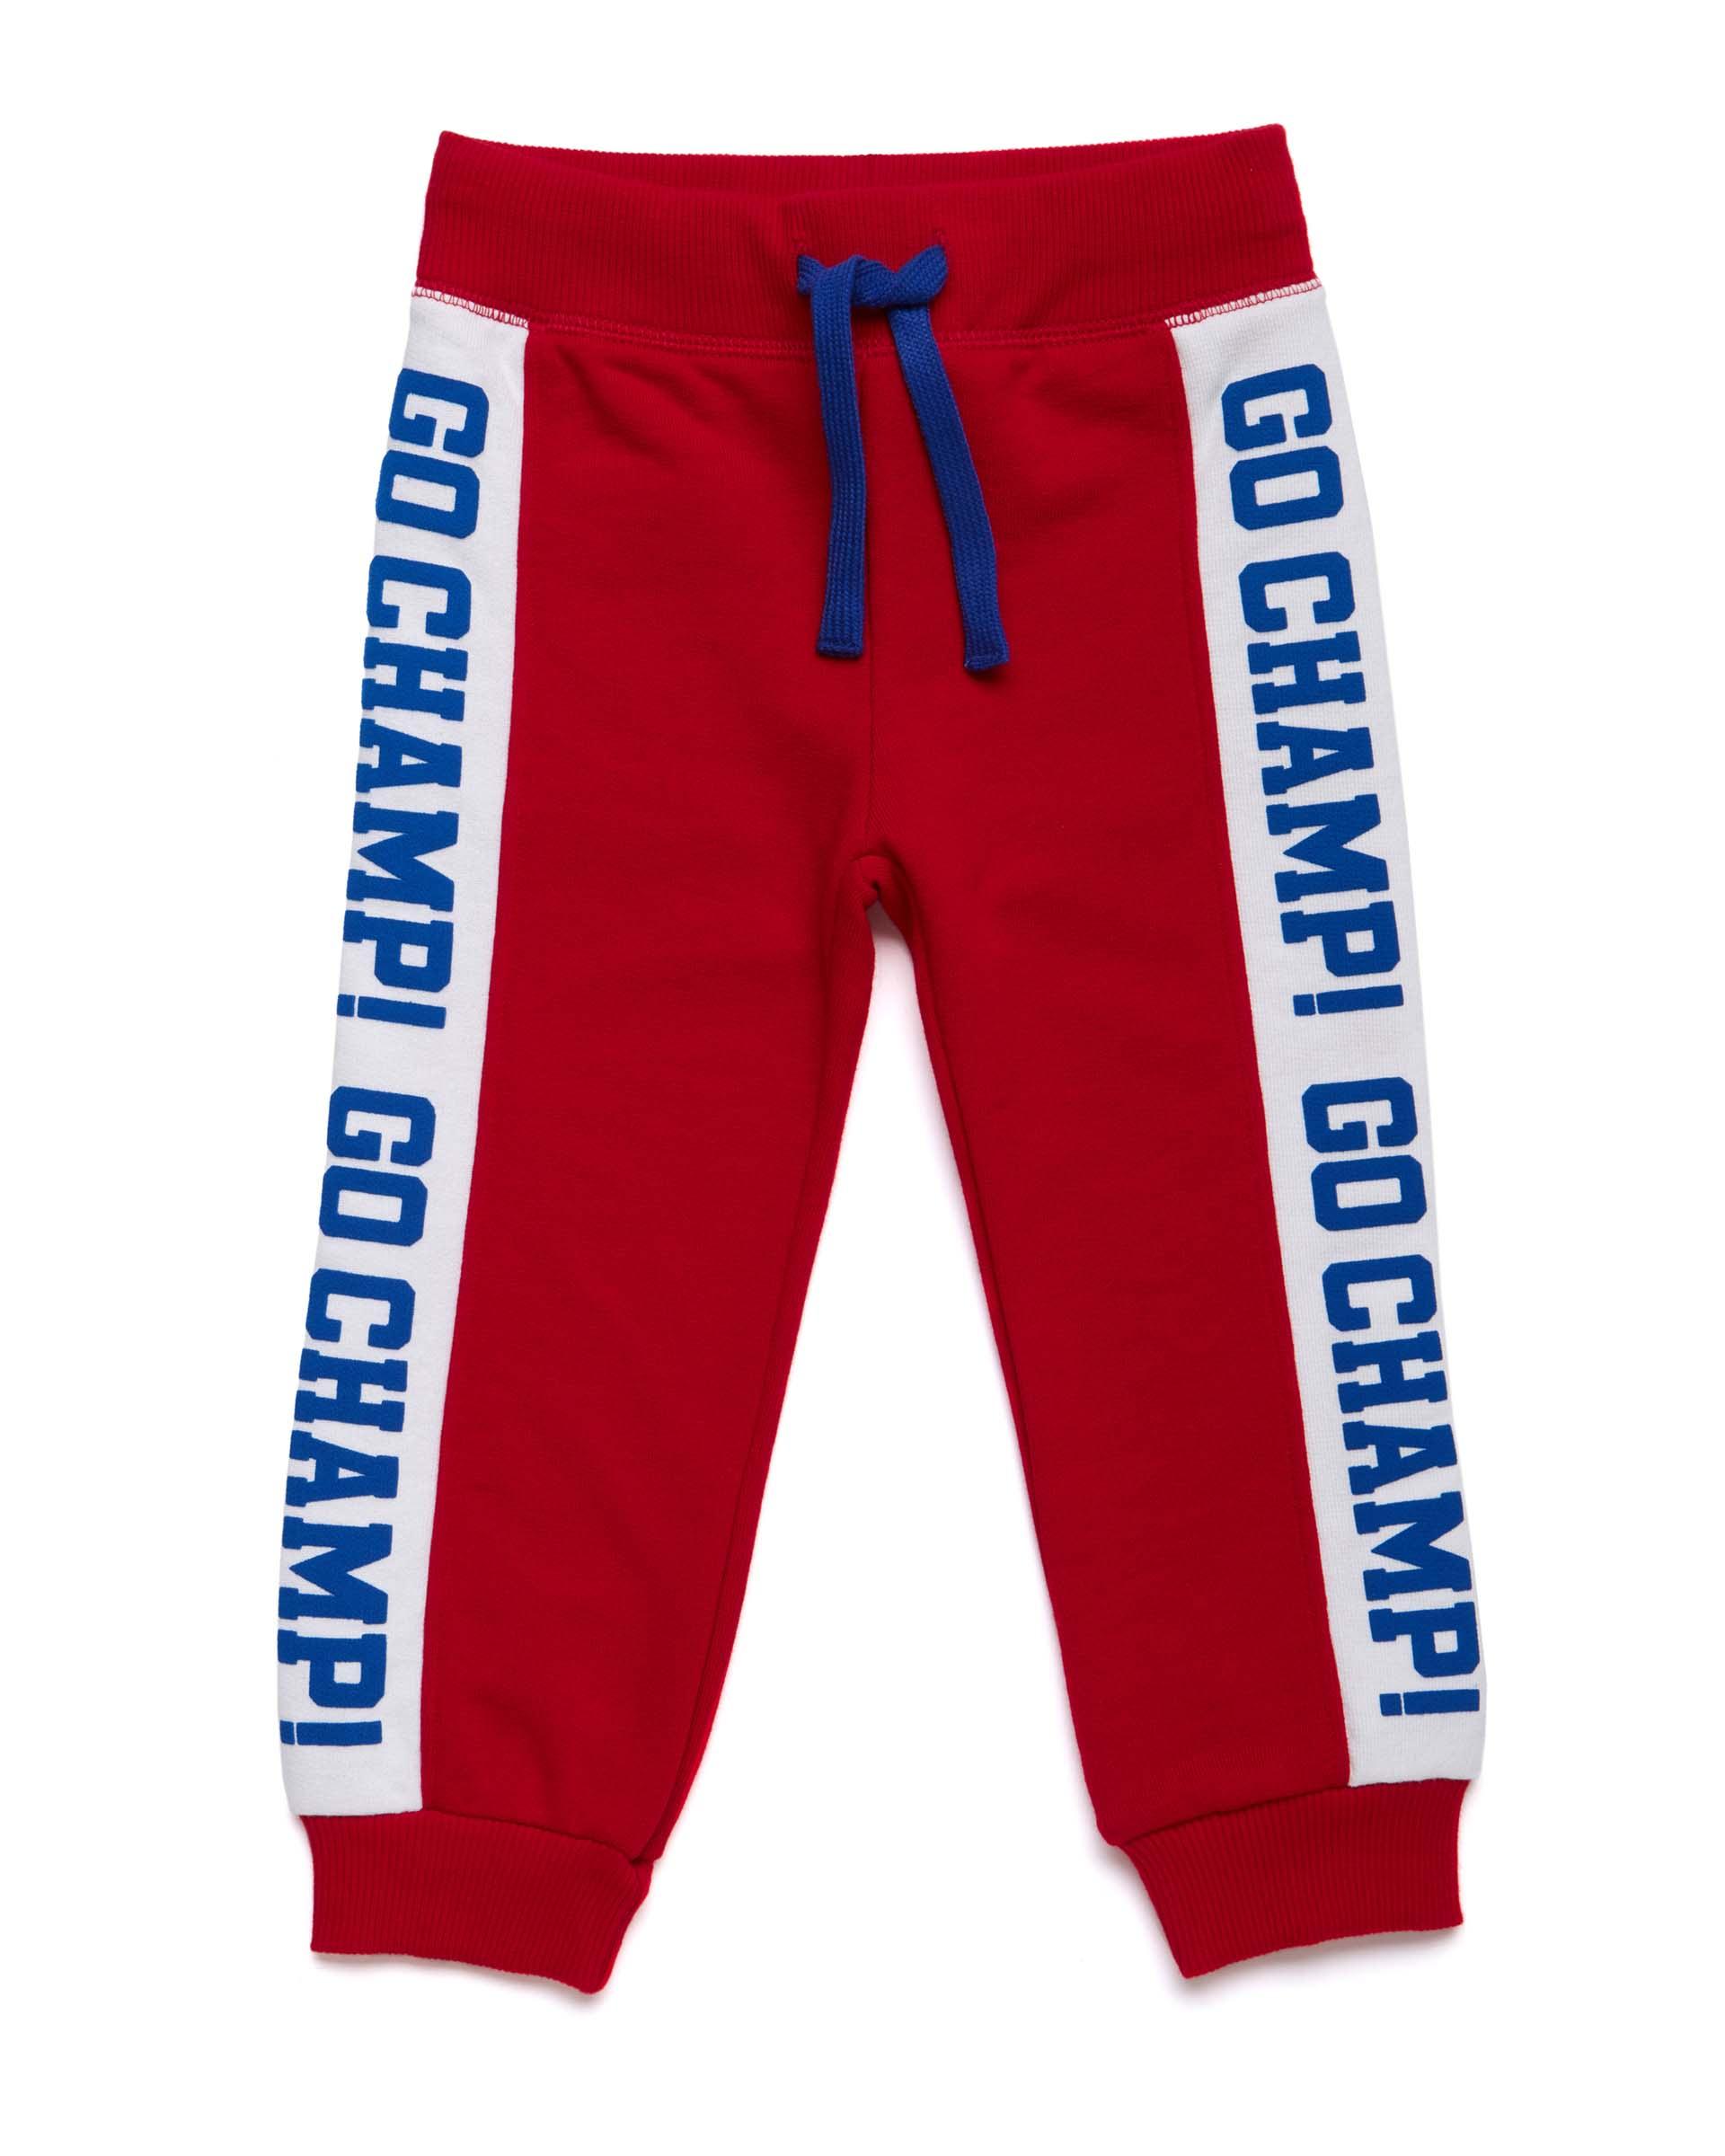 Купить 20P_3J68I02MP_015, Спортивные брюки для мальчиков Benetton 3J68I02MP_015 р-р 92, United Colors of Benetton, Шорты и брюки для новорожденных